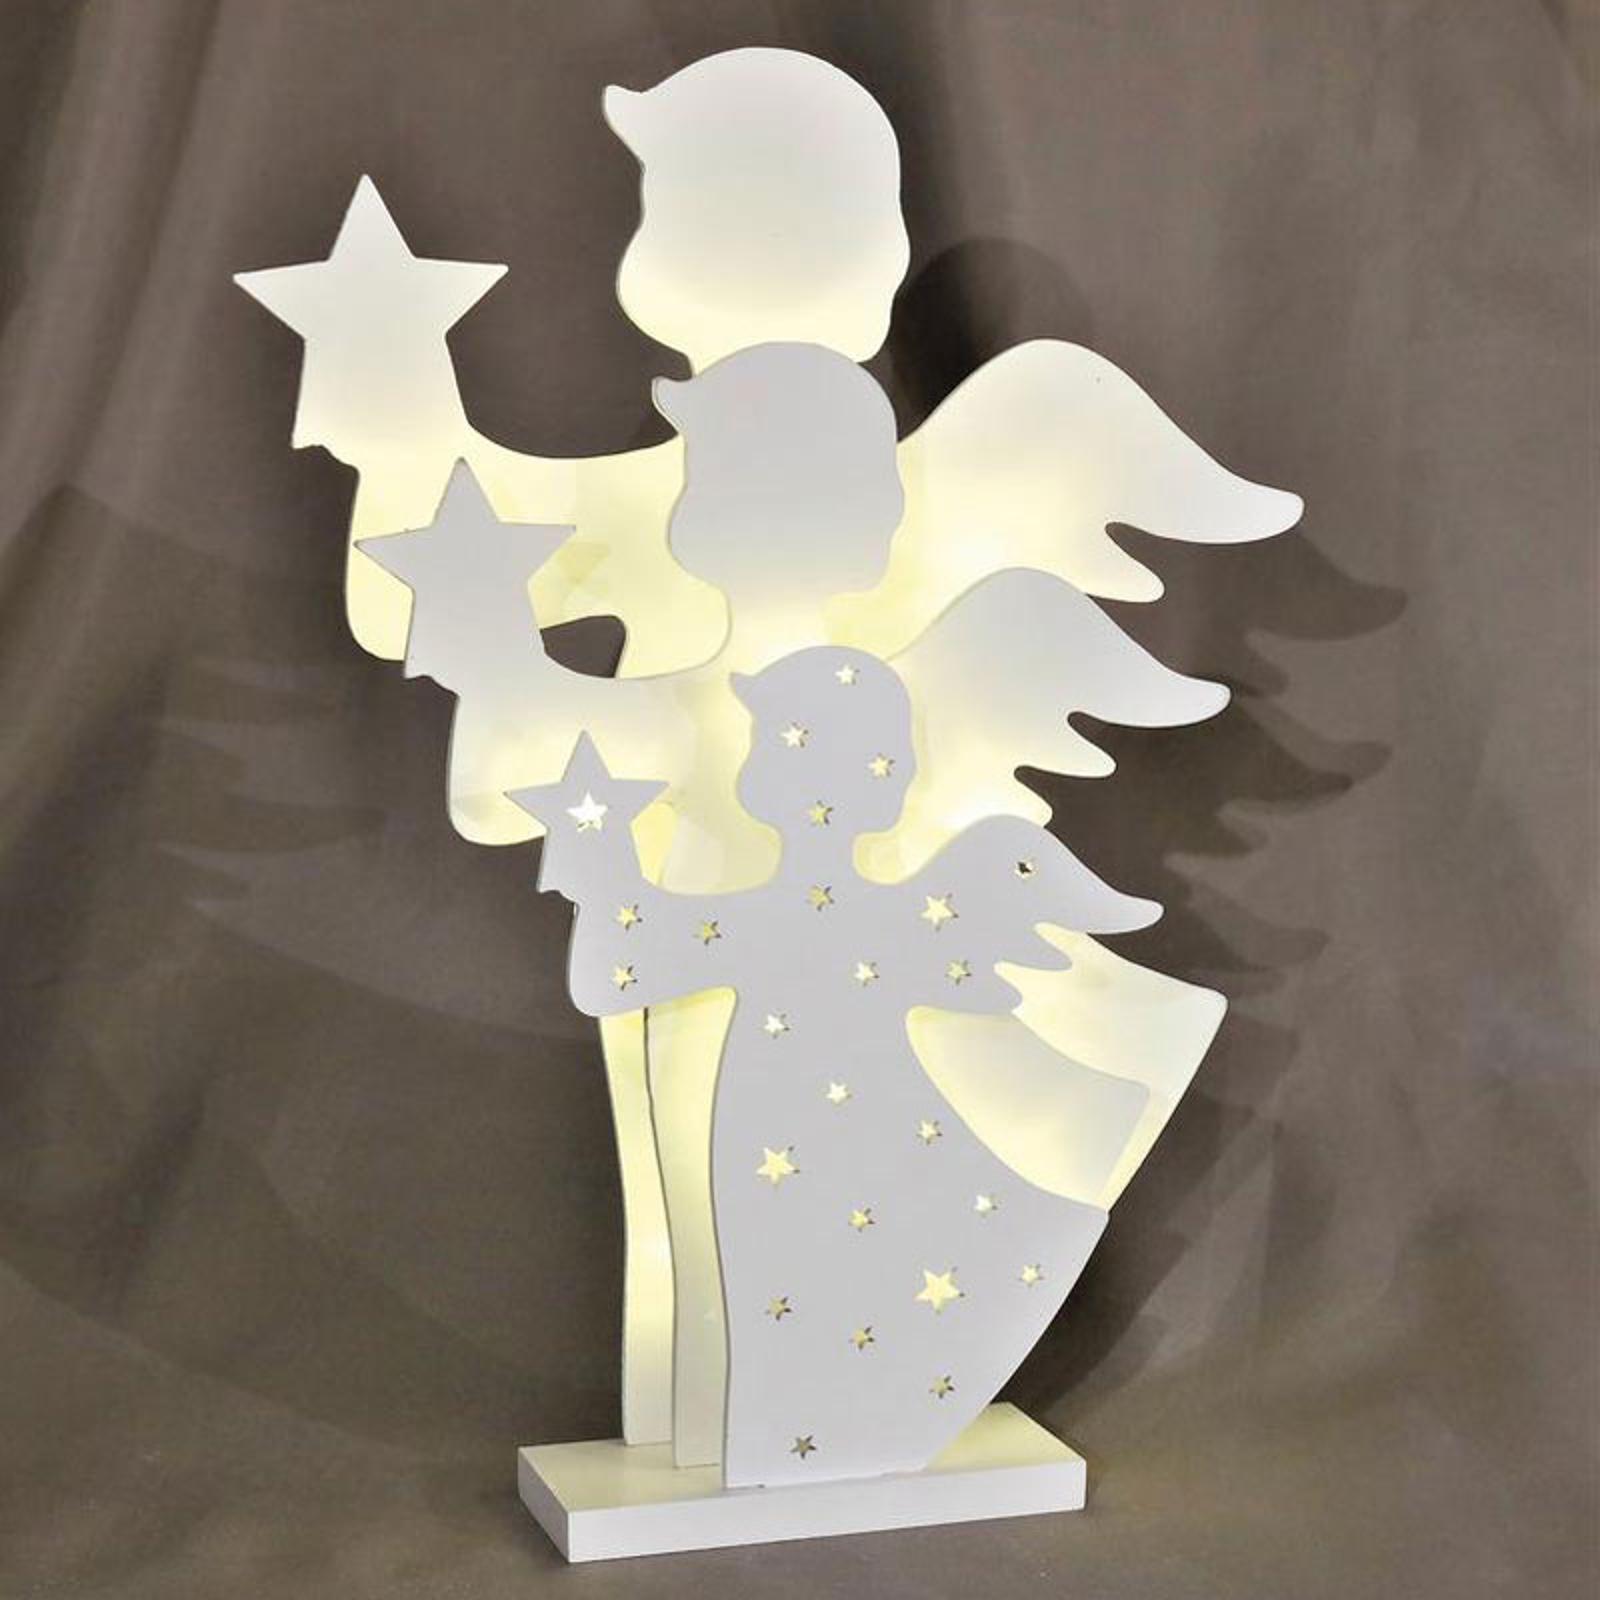 Saico Dekoračná LED lampa 3D anjel